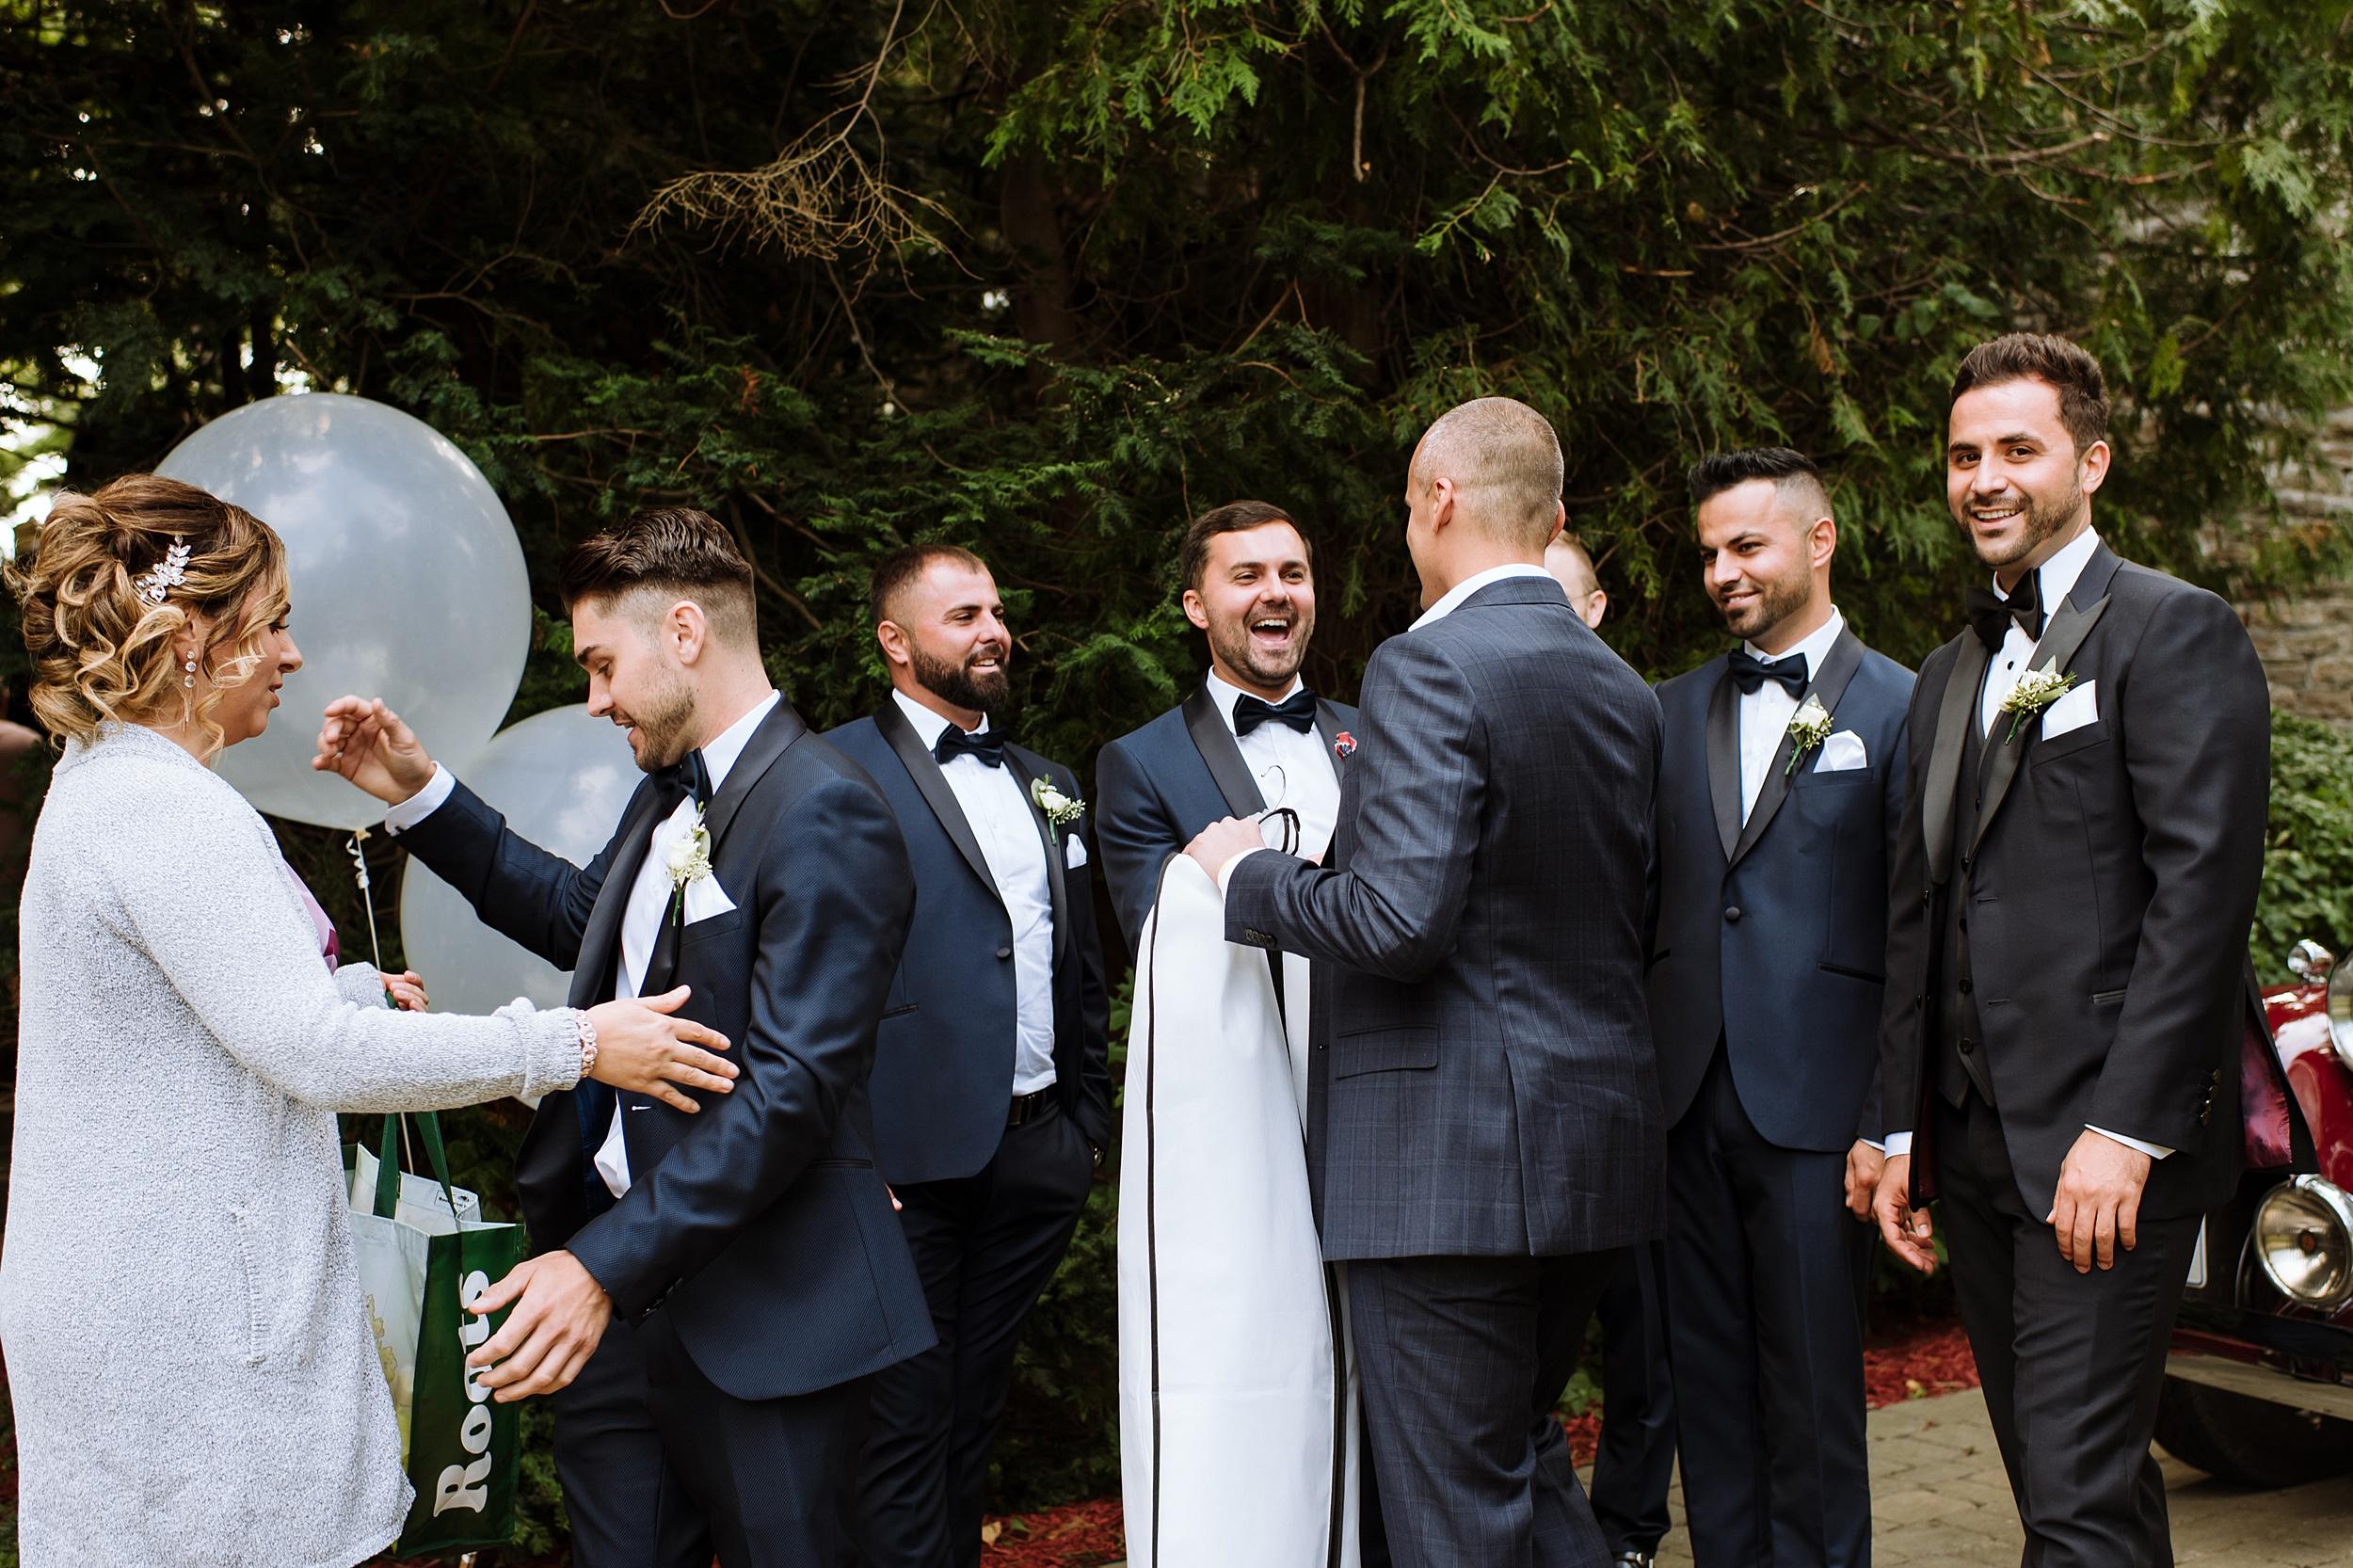 Rustic_Backyard_Wedding_Toronto_Photographer083.jpg